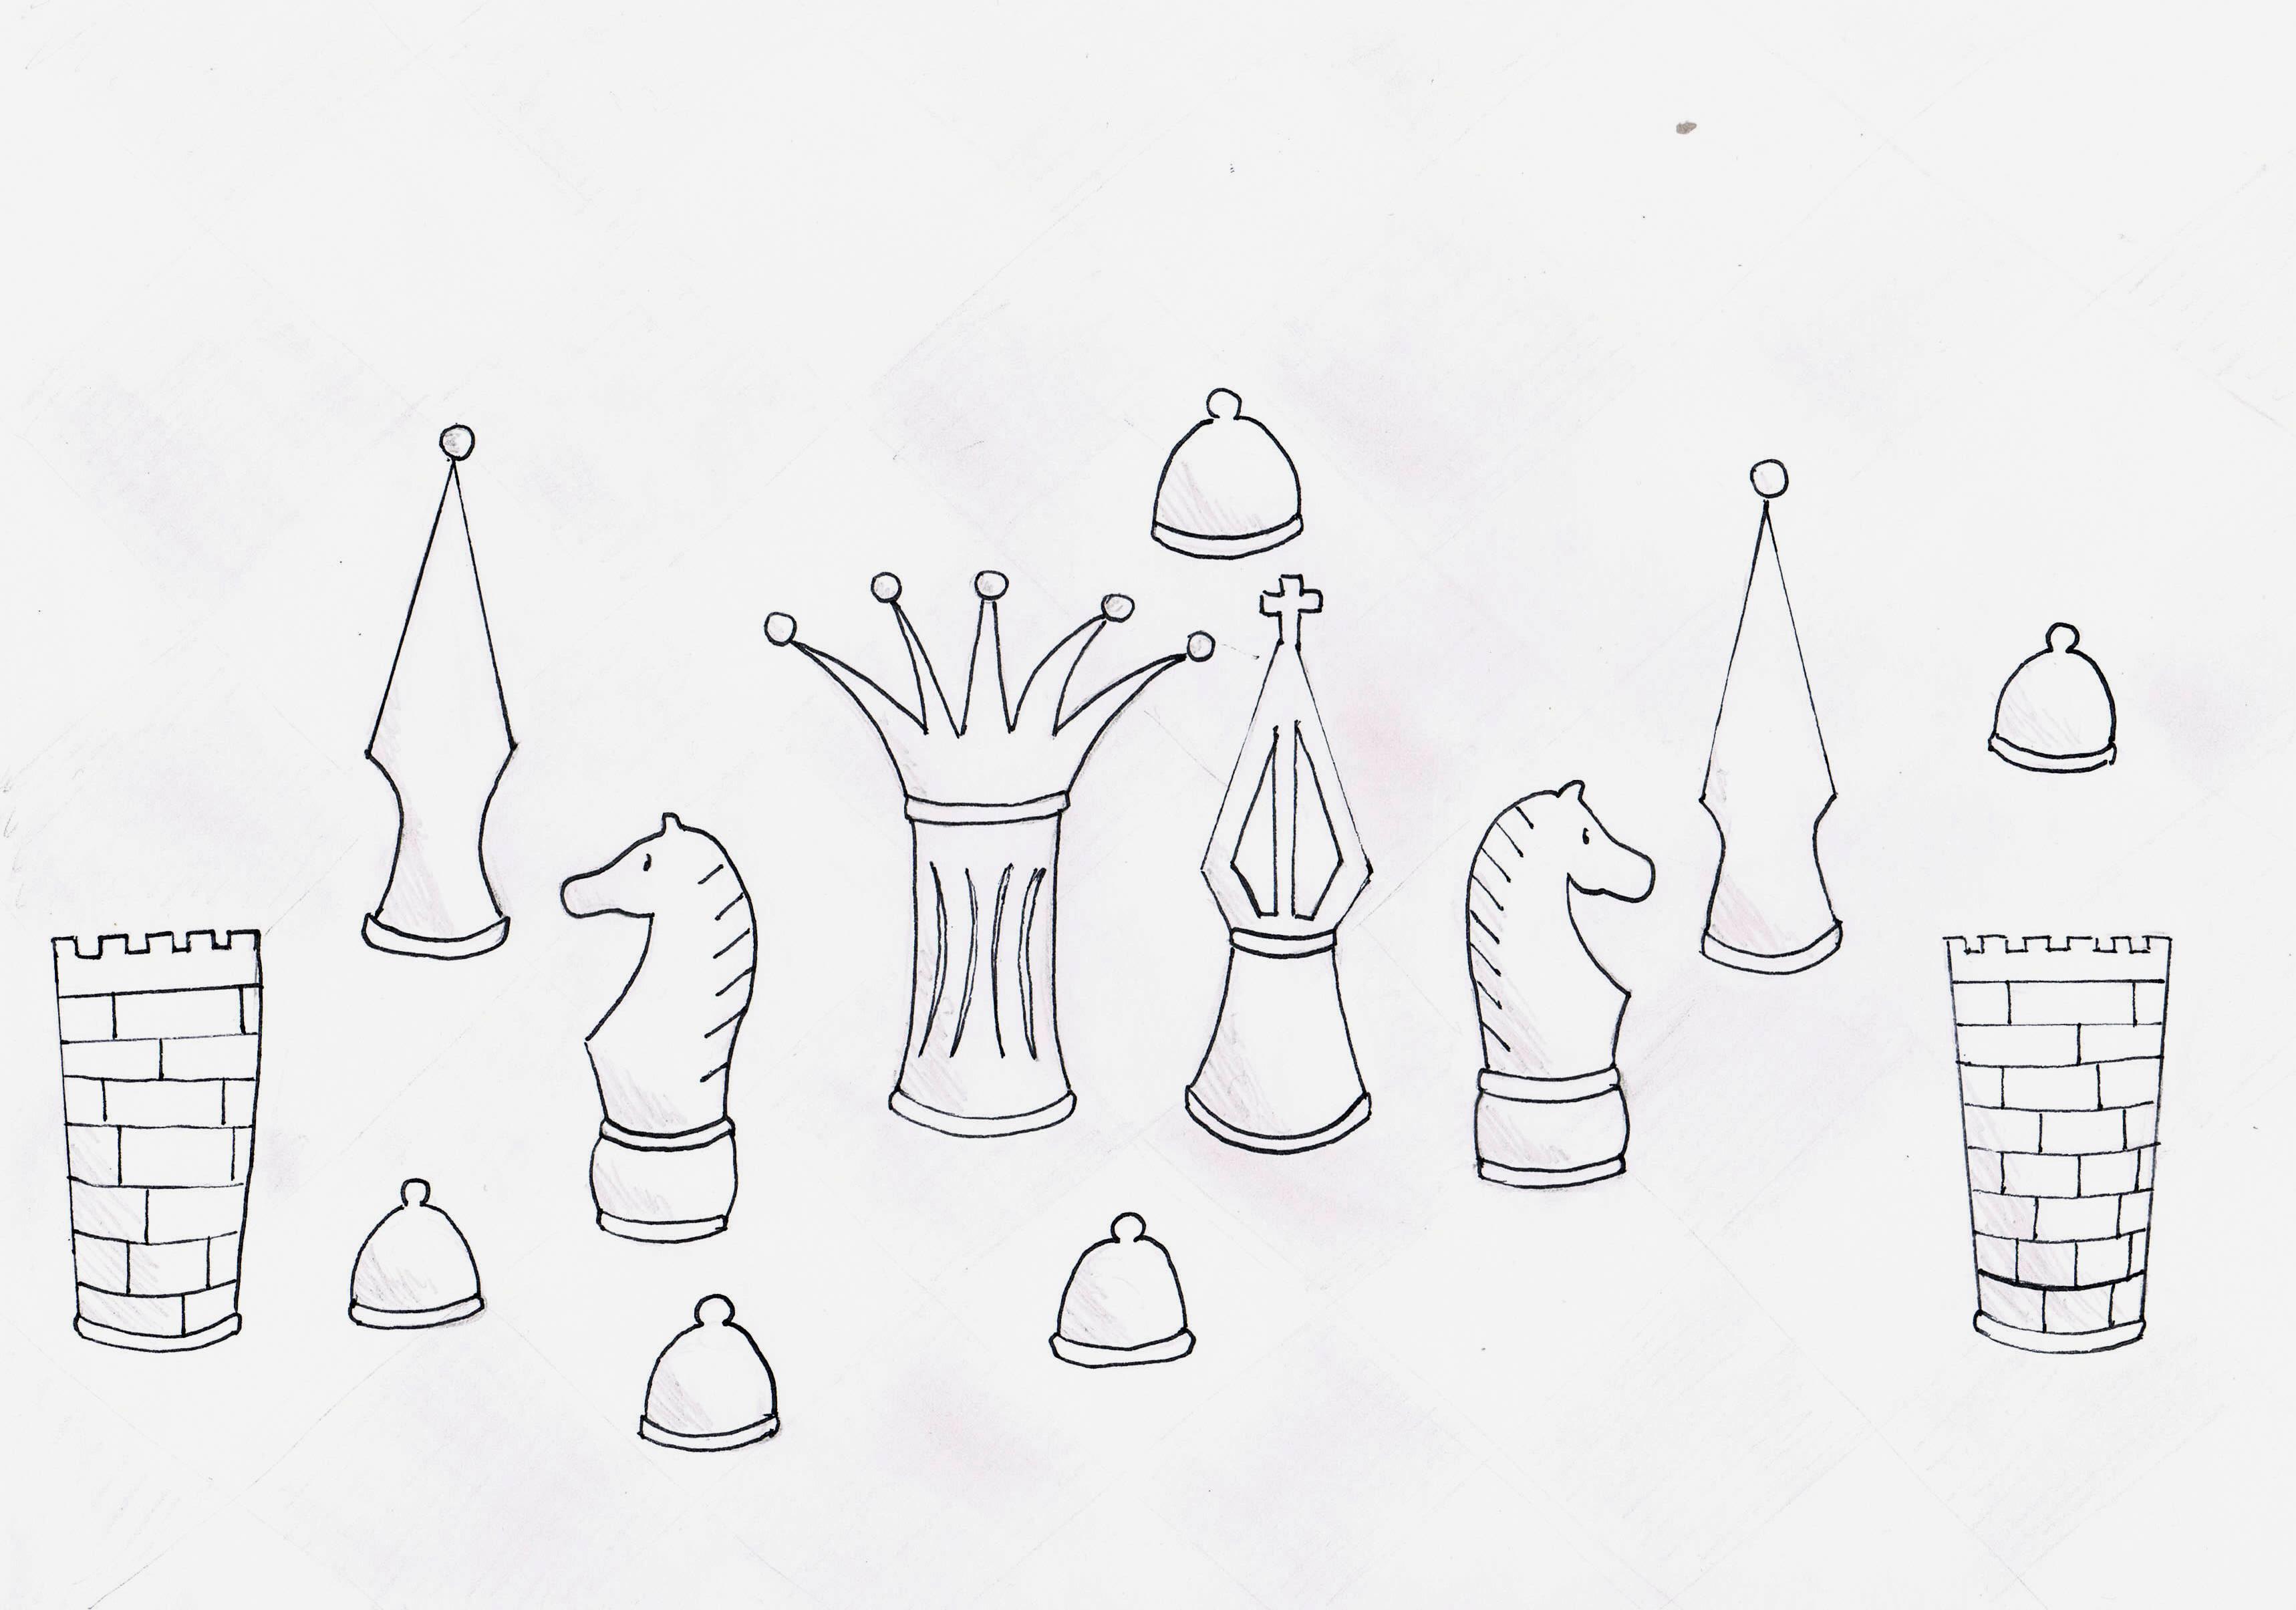 Bierki szachowwe